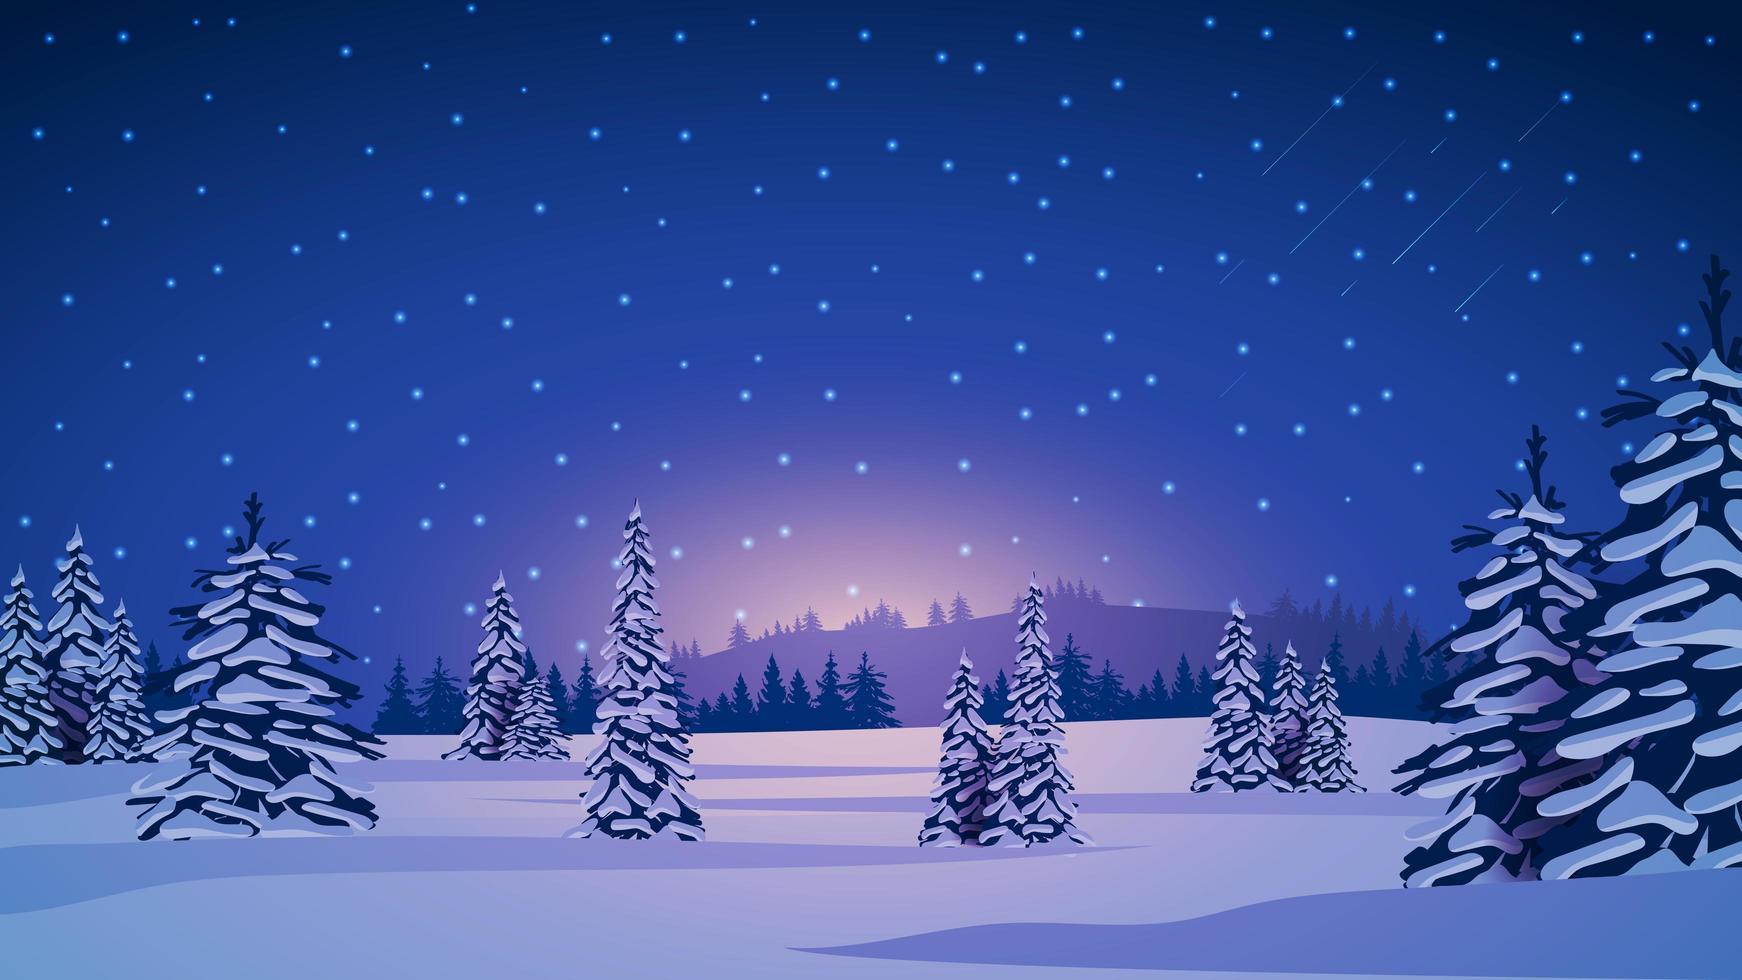 paisaje invernal con pinos nevados vector